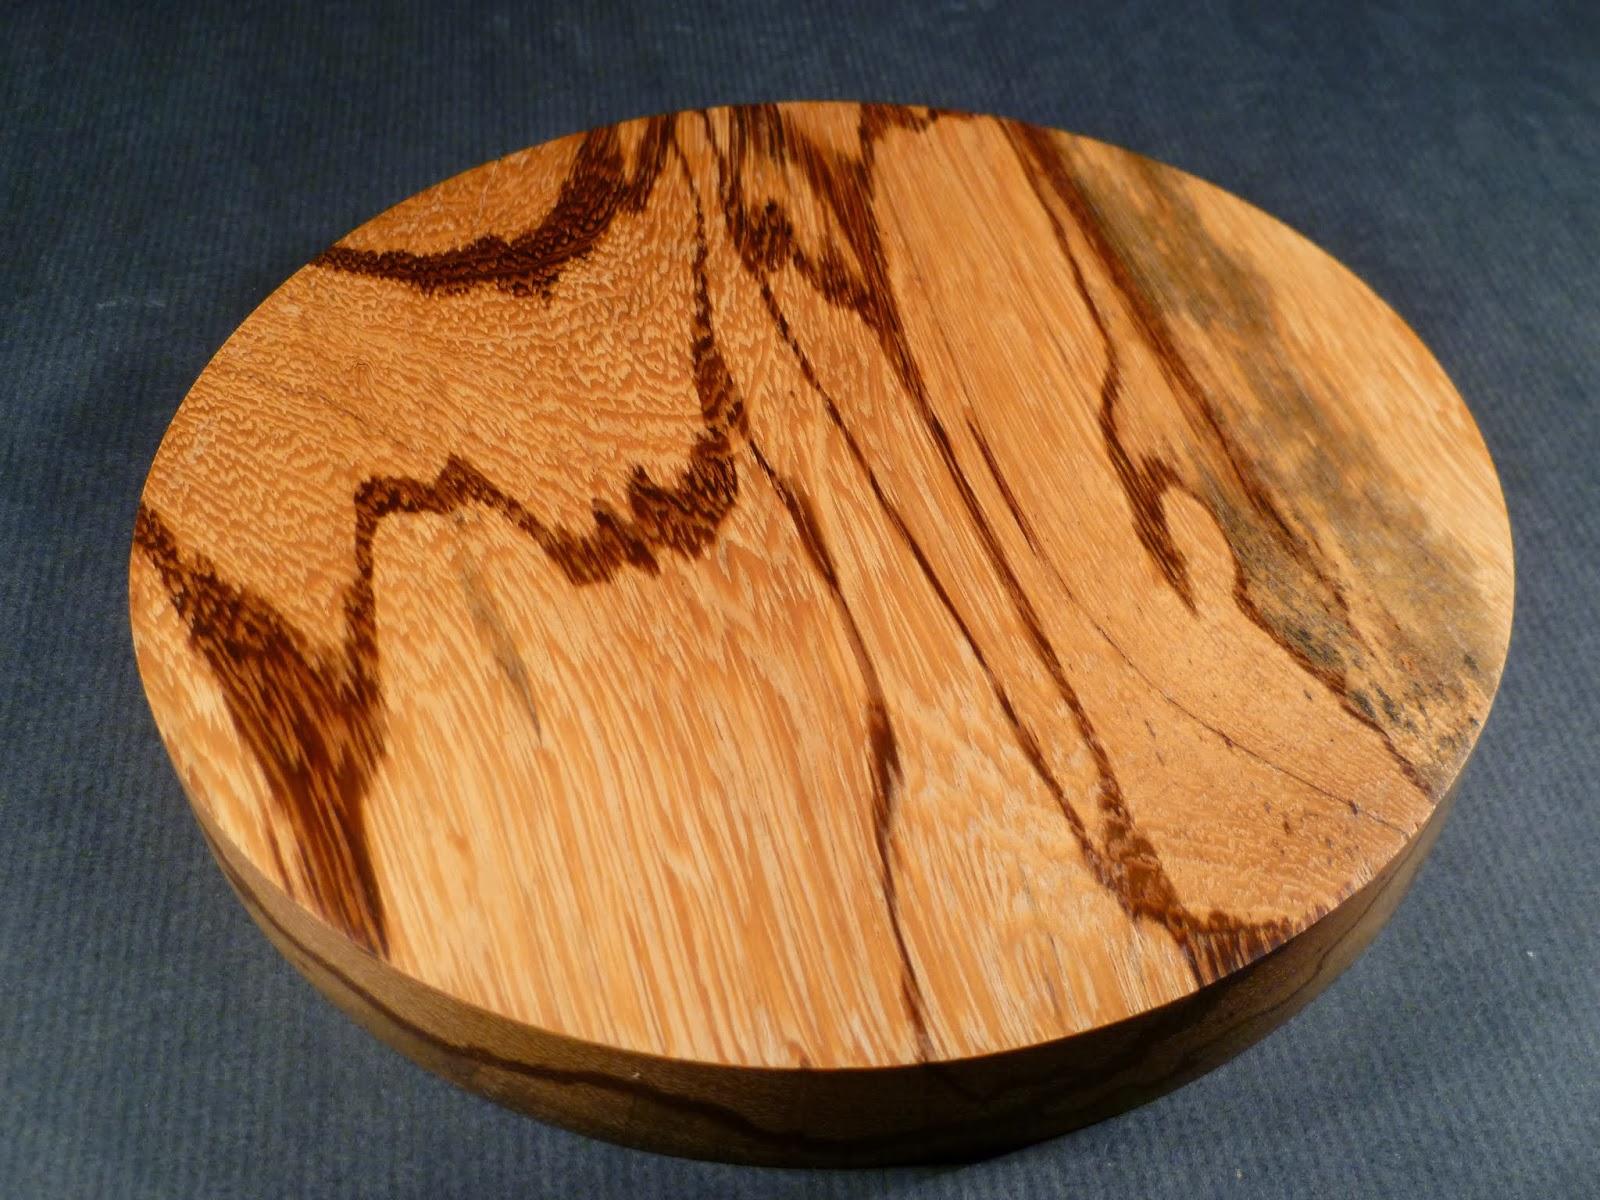 atelier du bois tourn woodturning design une nouvelle cr ation en bois de guyane bois de. Black Bedroom Furniture Sets. Home Design Ideas